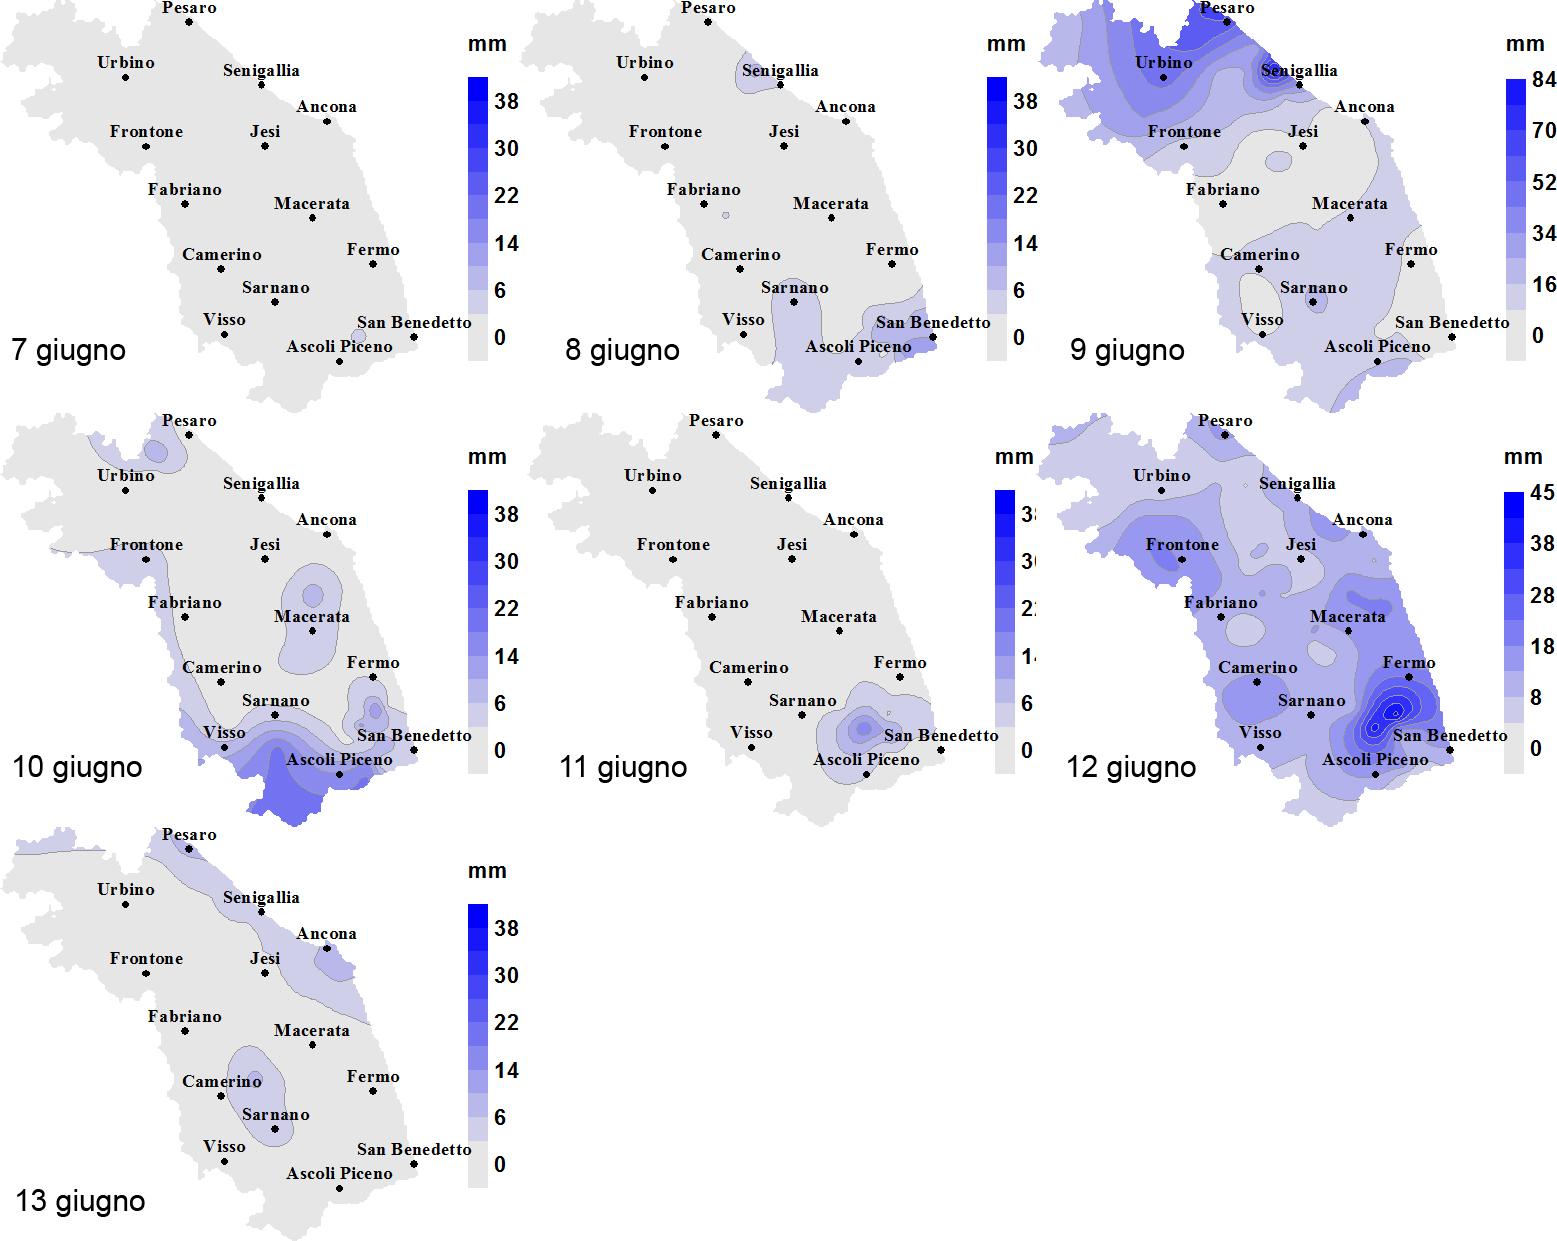 Meteo ASSAM Regione Marche - precipitazione 6 13 giugno 2016